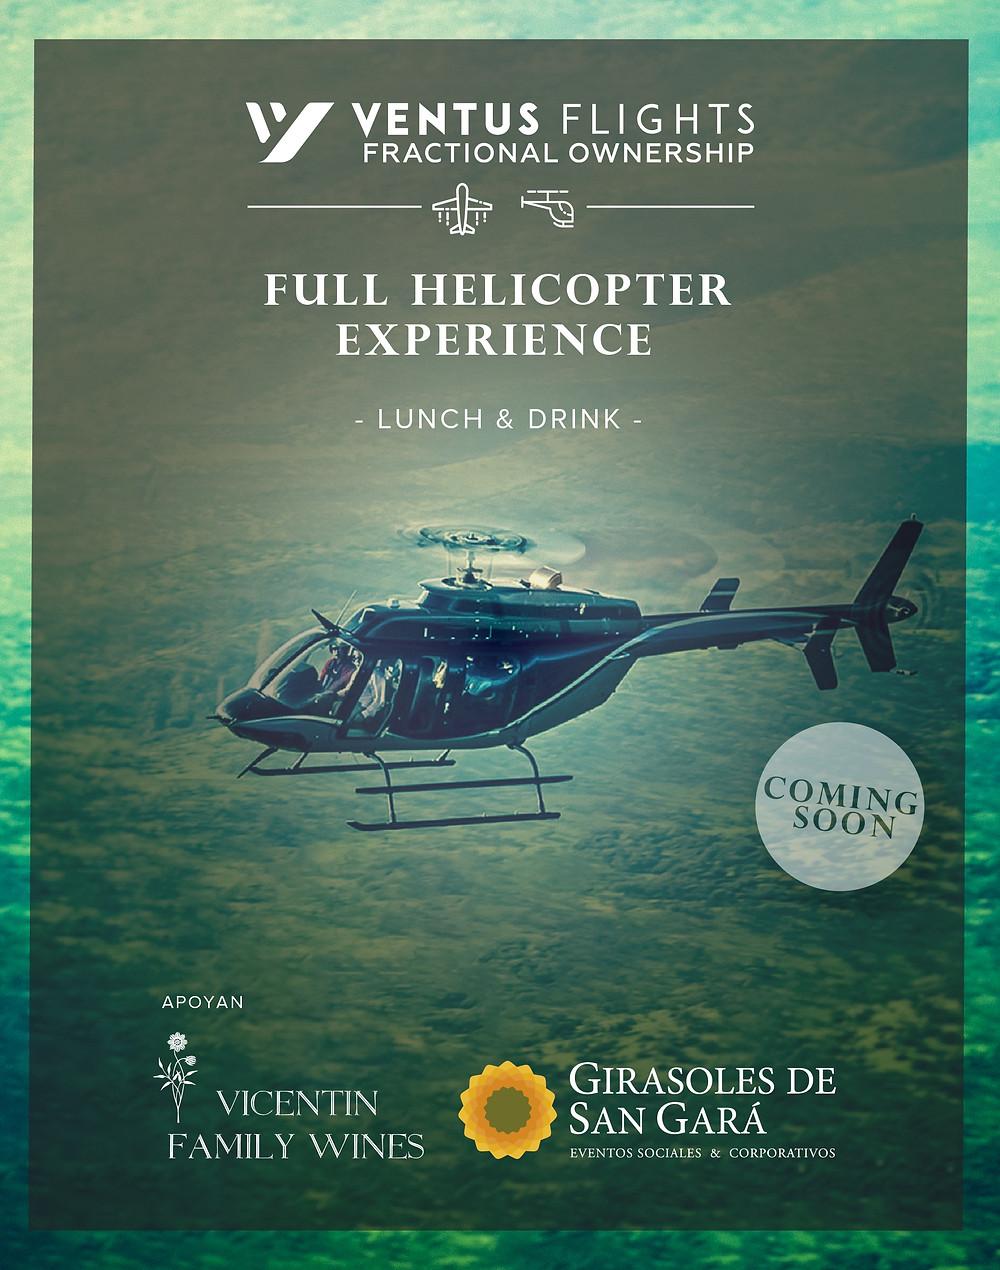 Uno de los eventos más importantes junto a Ventus Flights, la empresa de aeronaves fractional ownership pionera en la Argentina.